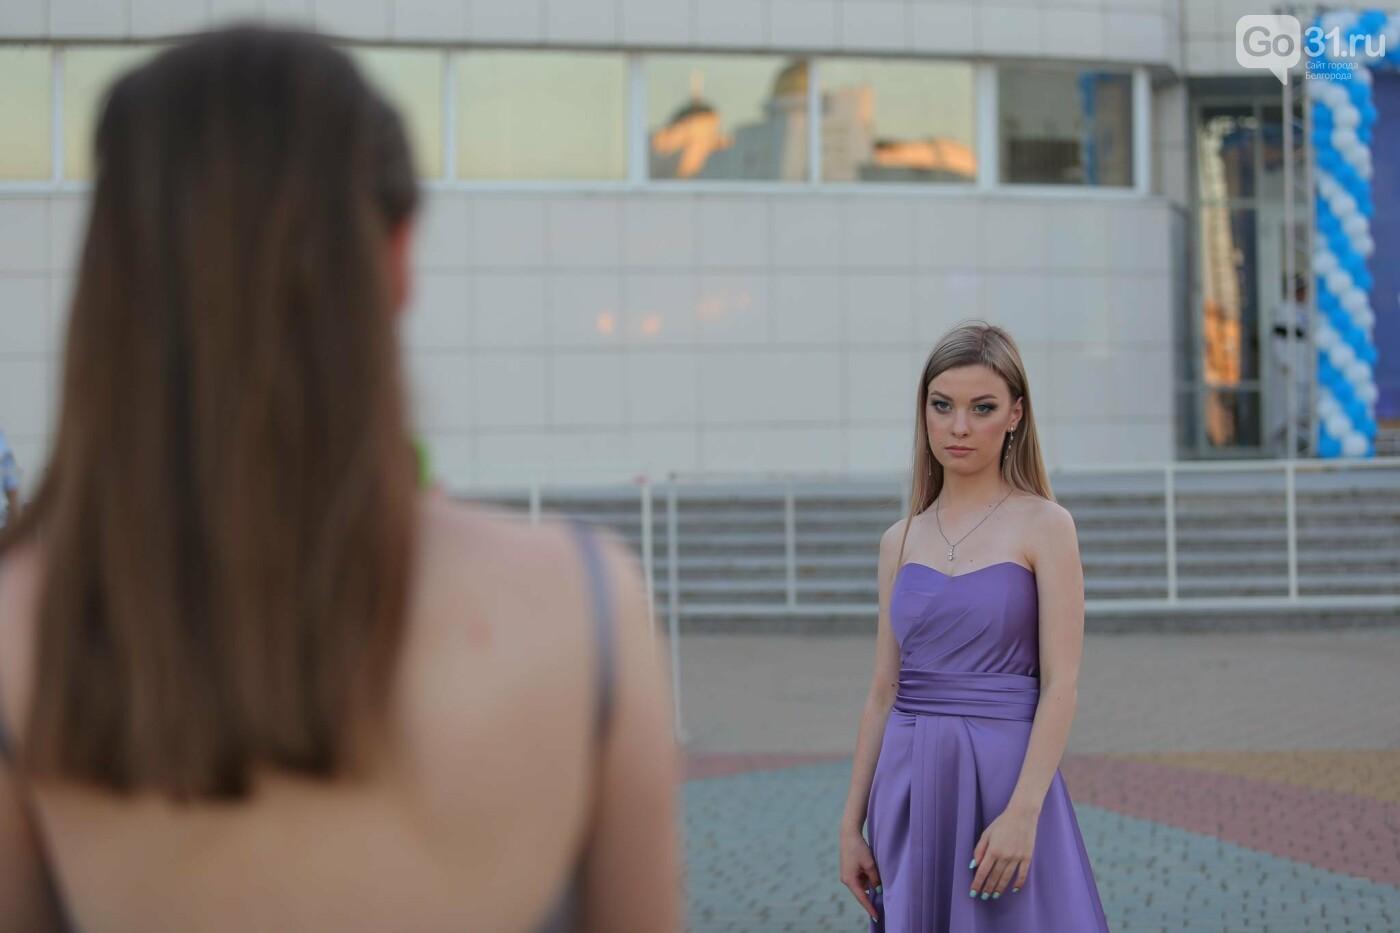 Общегородской школьный выпускной в Белгороде. Фоторепортаж, фото-9, Фото: Антон Вергун